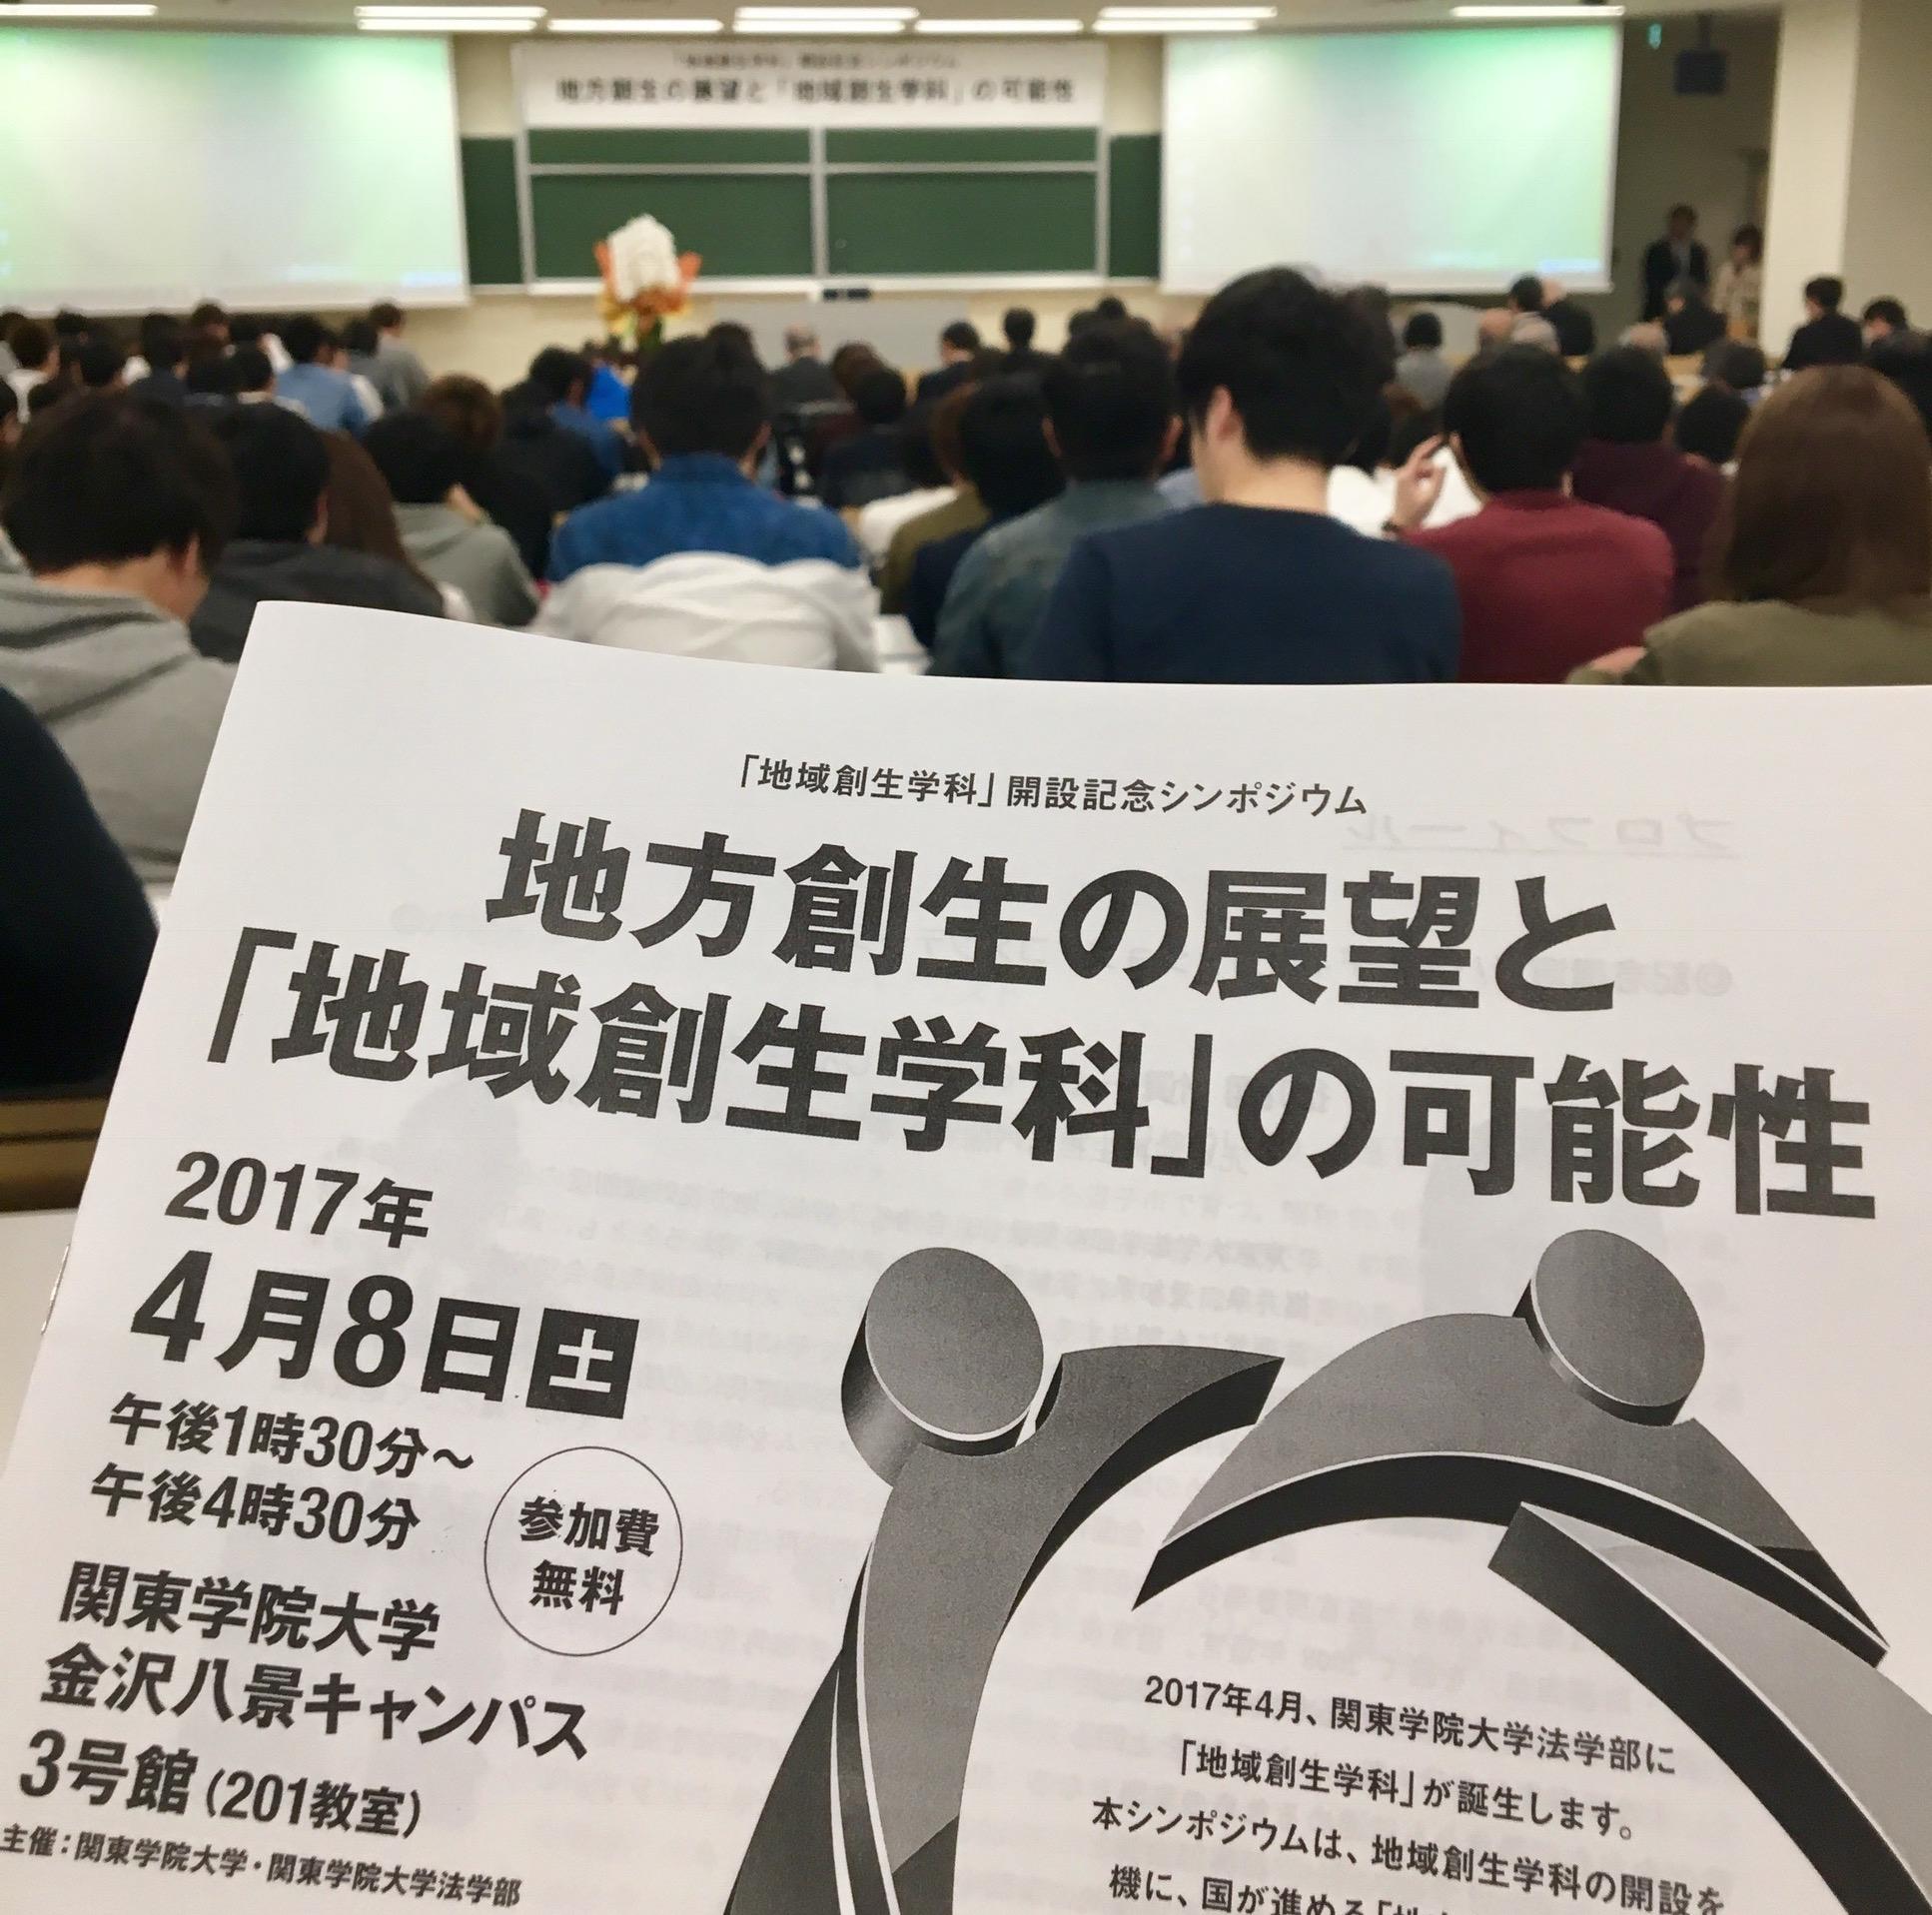 関東学院大学法学部「地域創生学科」開設記念シンポジウム